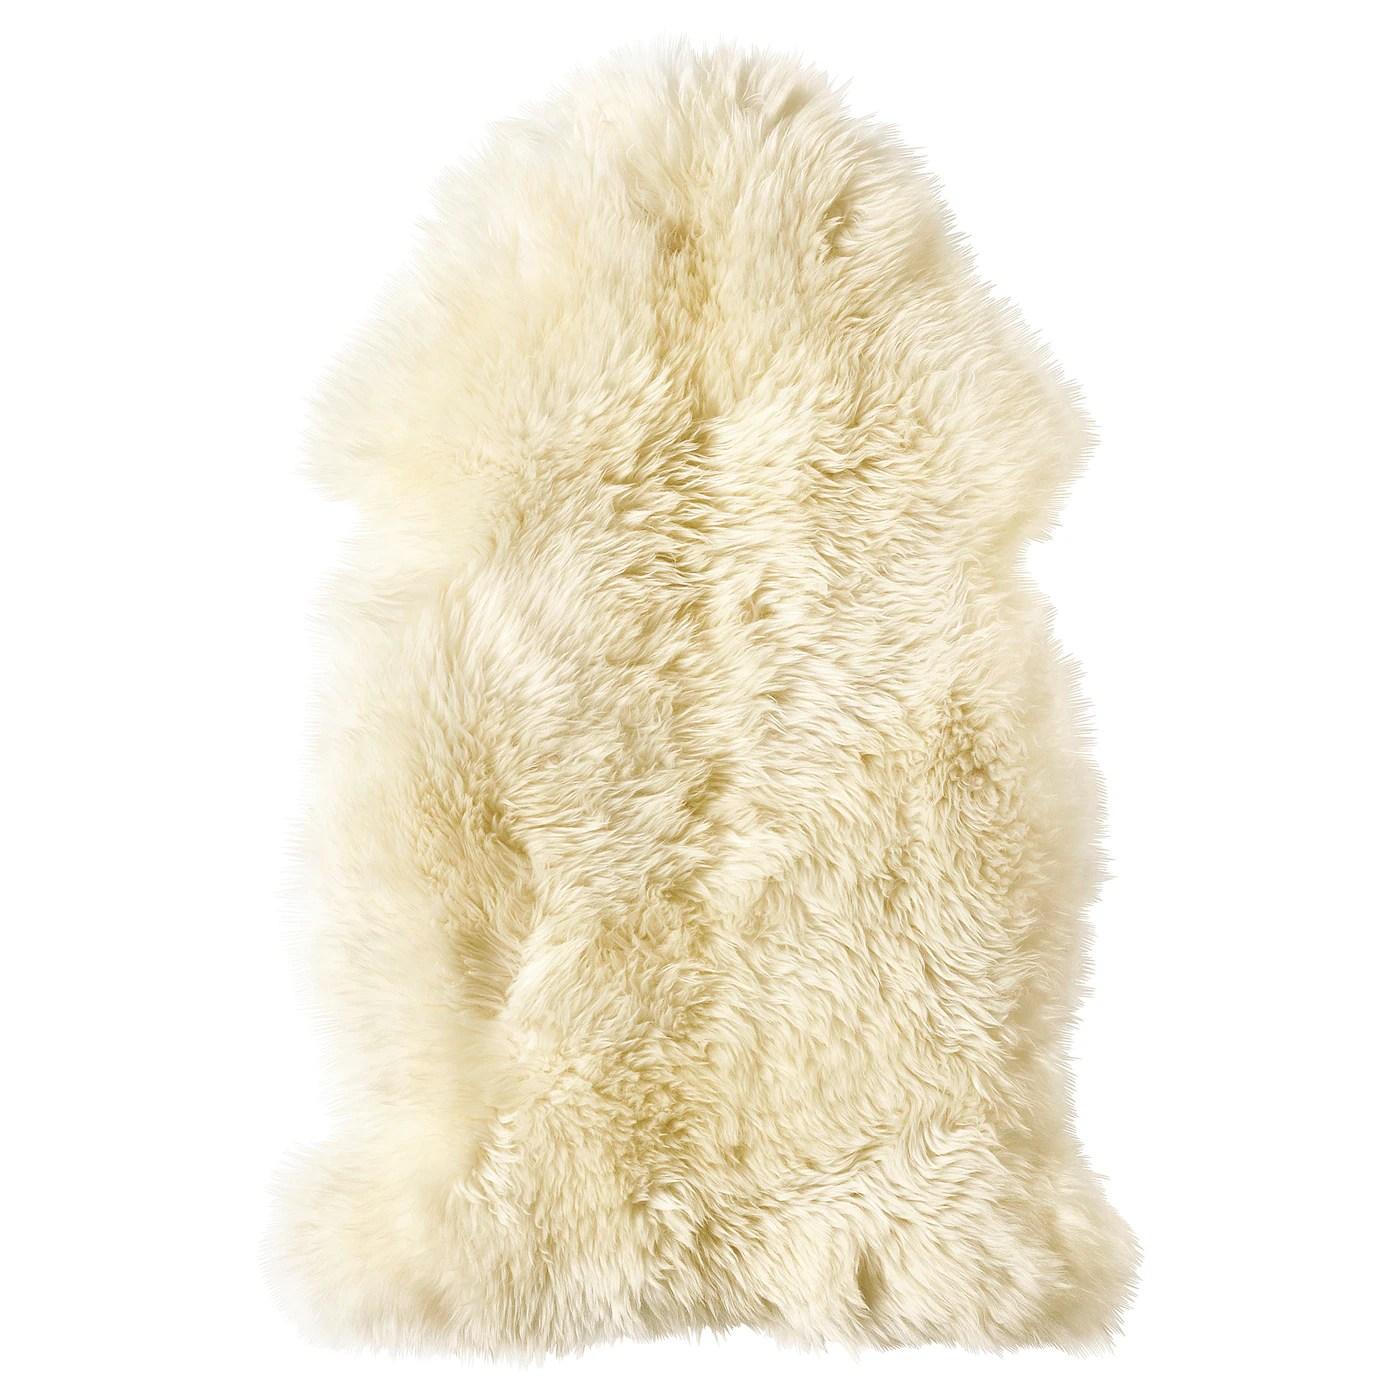 ludde peau de mouton blanc casse